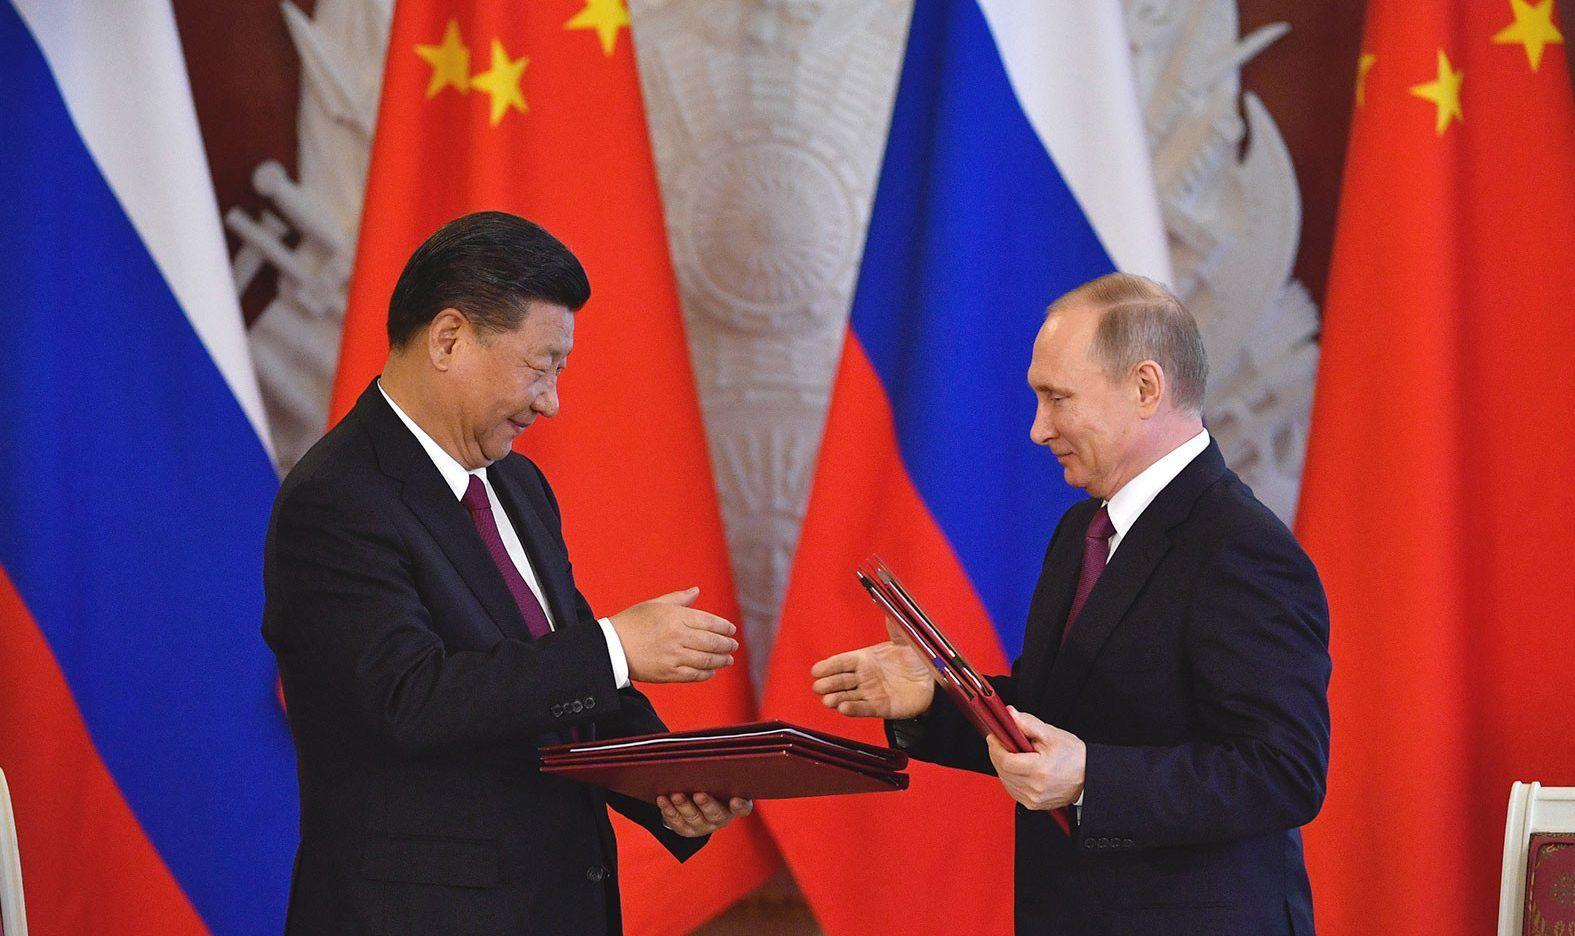 Пекин и Кремль объединяются, чтобы искушать судьбу и рассердить США